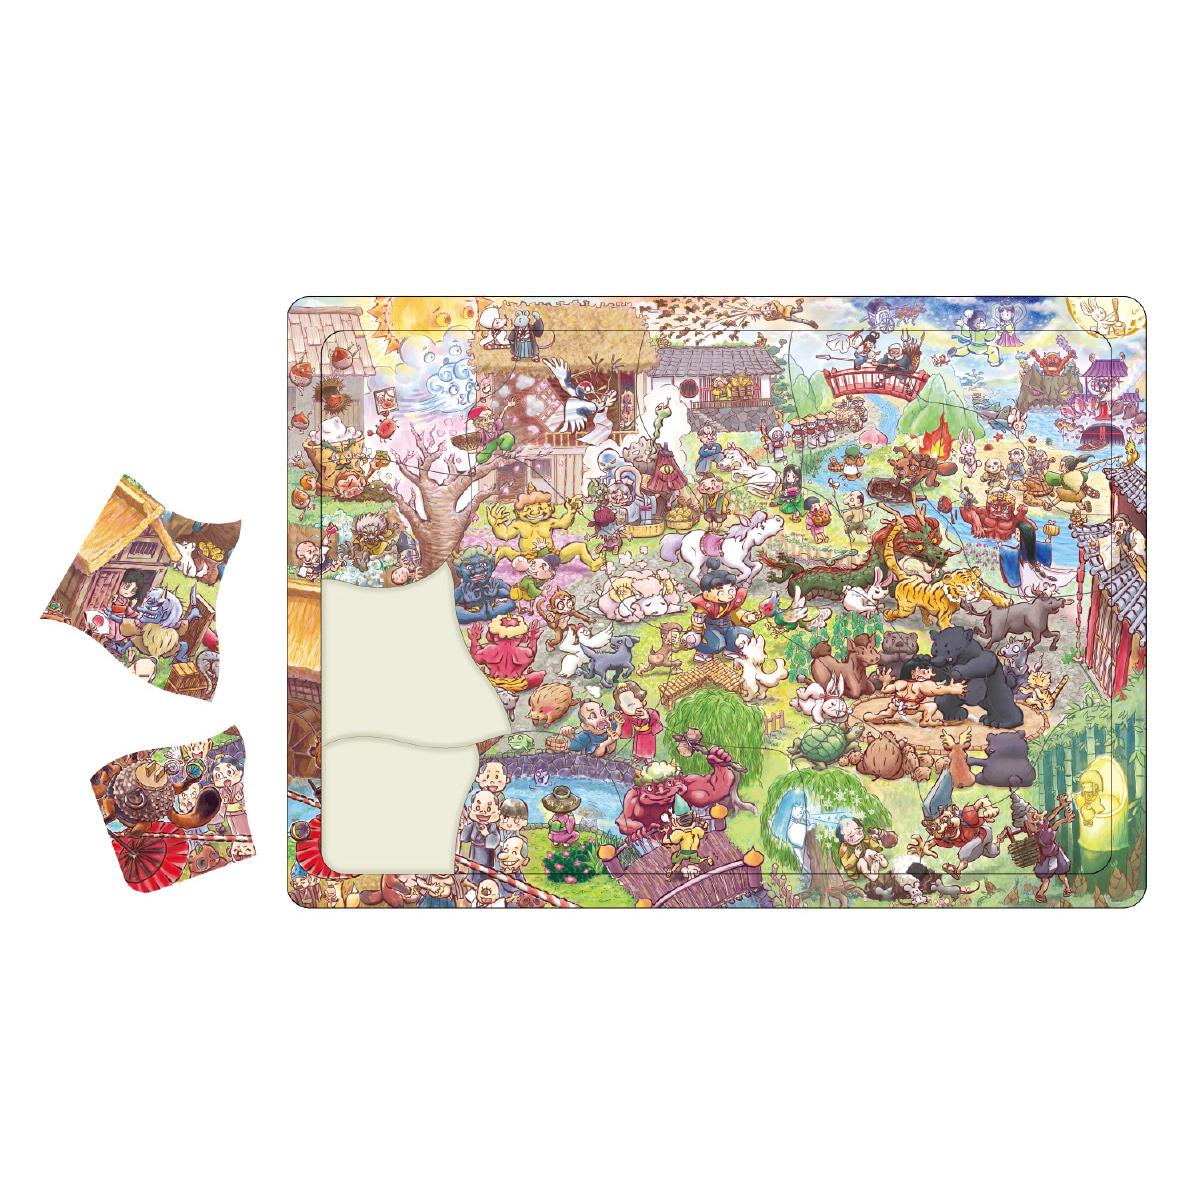 パズル 30ピース 幼児 ゲーム 31種類の昔話の登場人物 知育玩具 キッズ 子供 ジグソーパズル クリスマスプレゼント